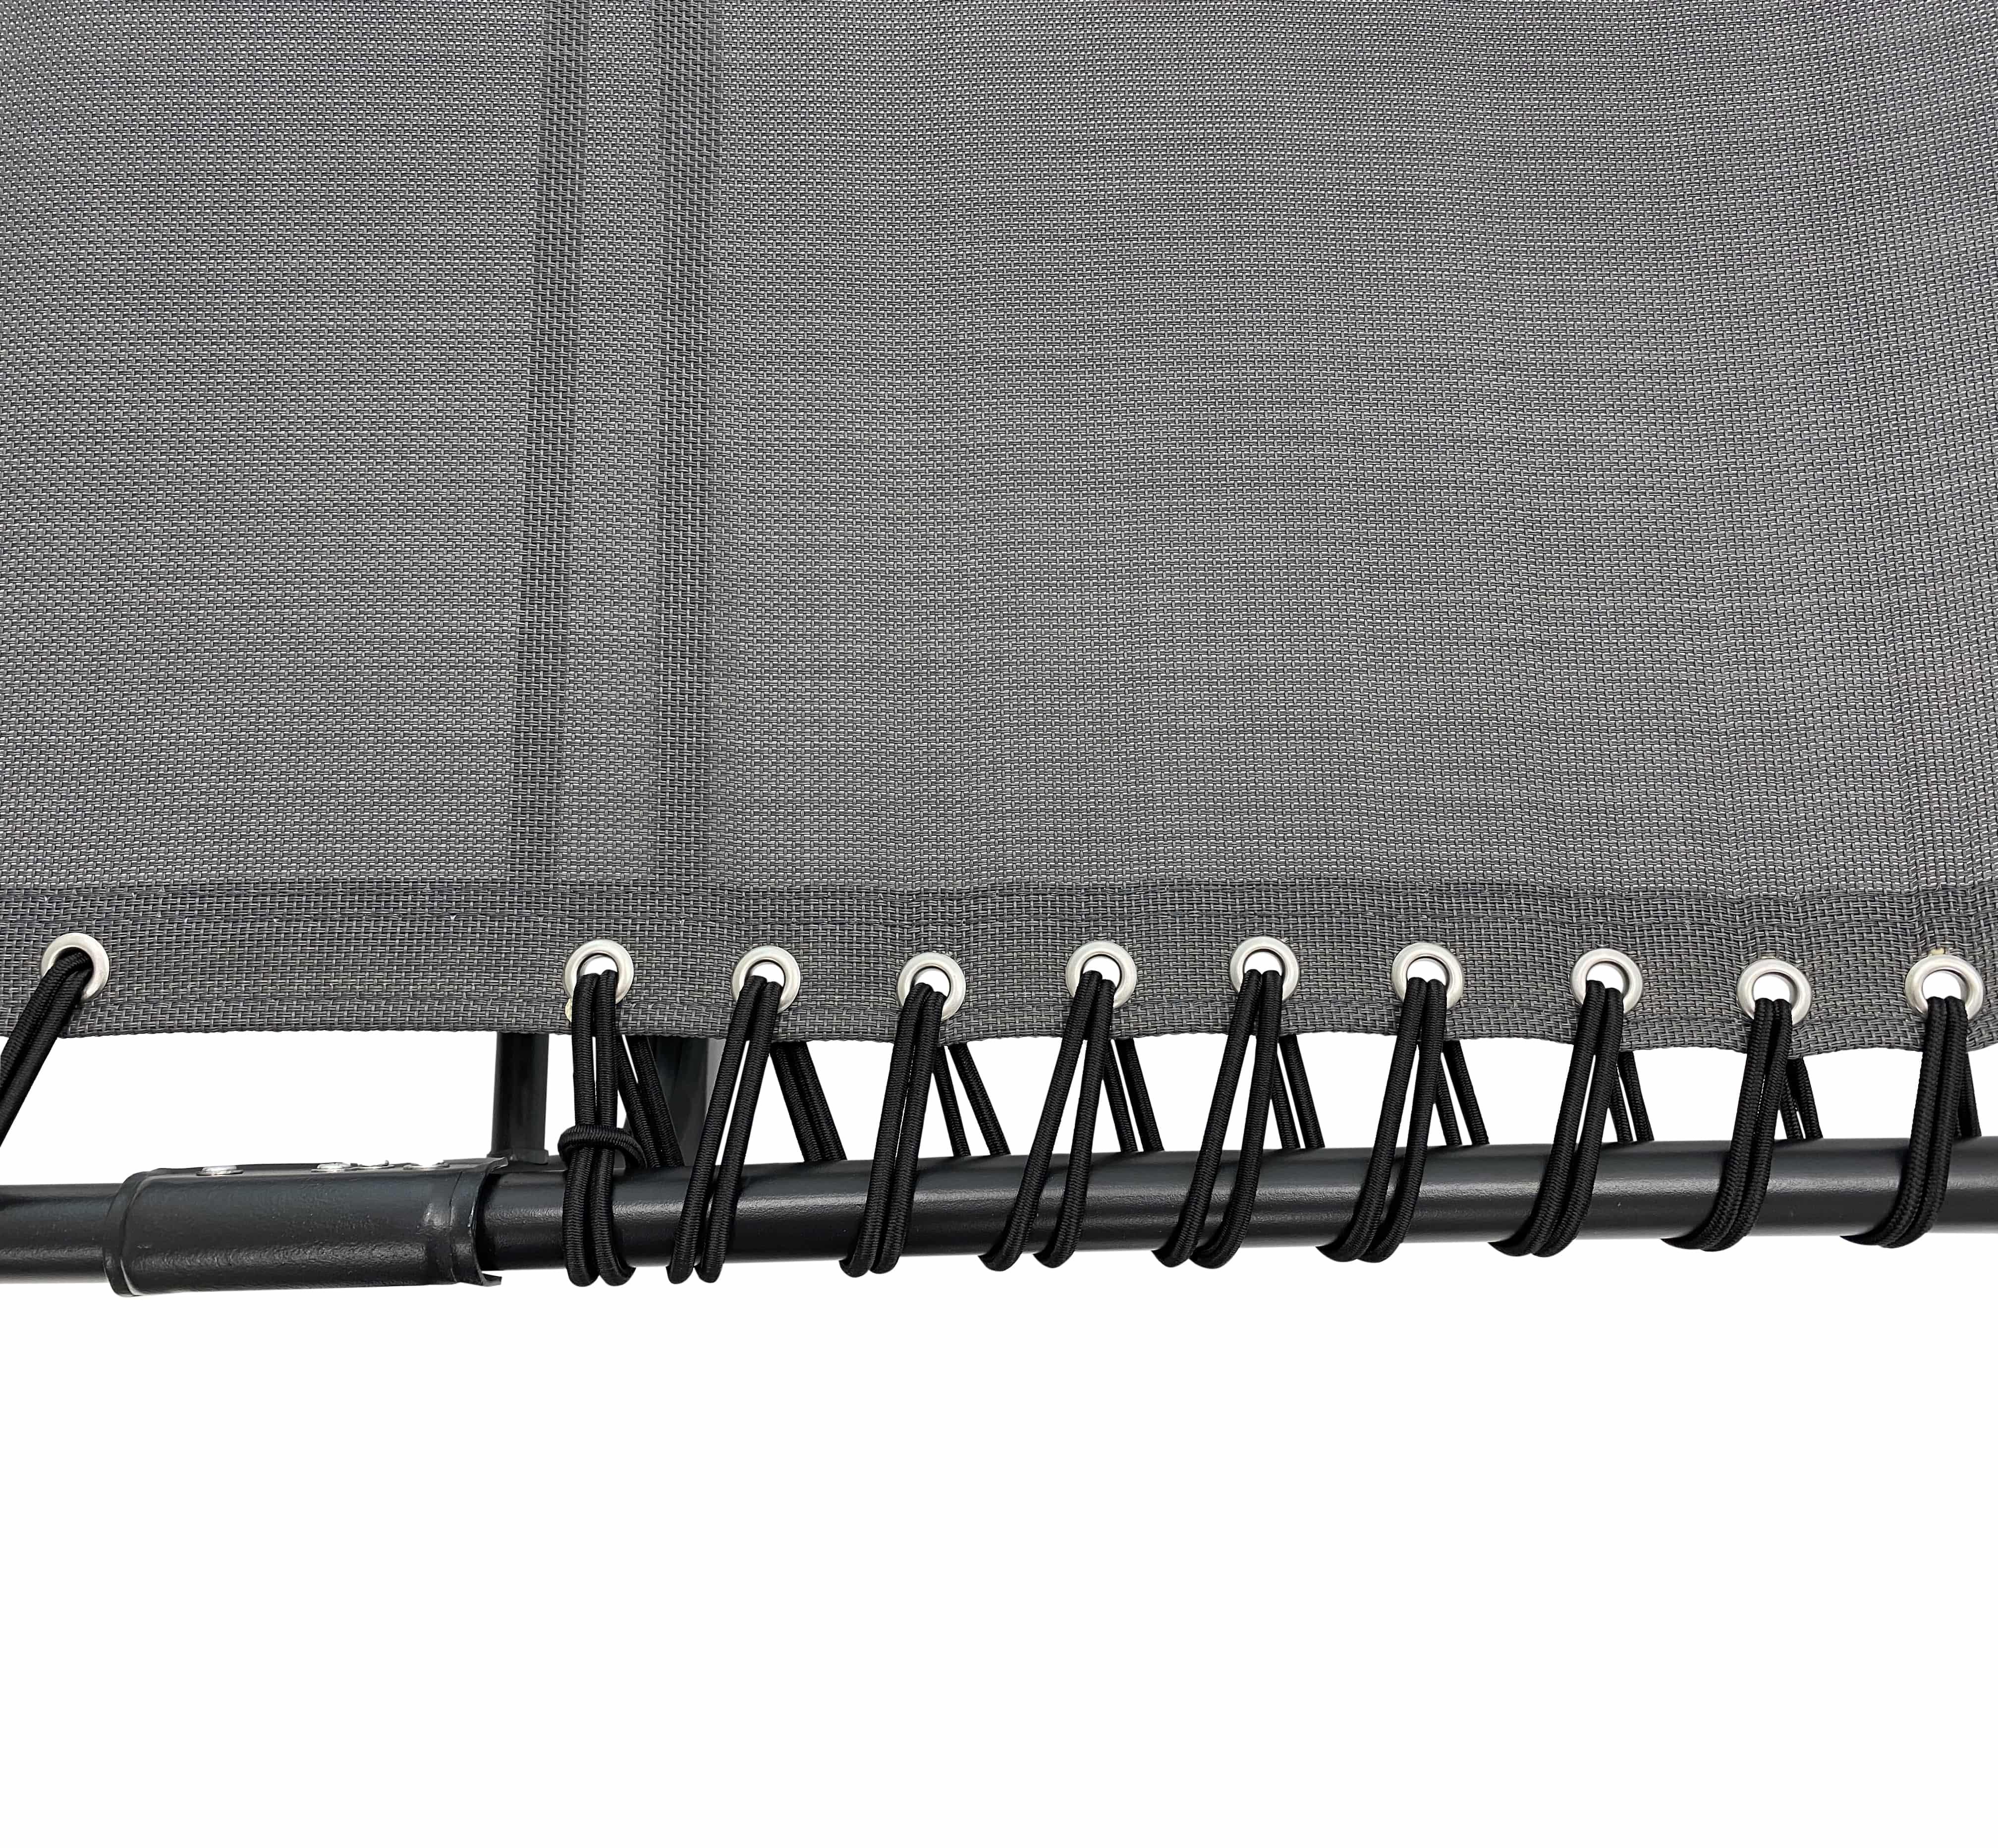 4gardenz® Comfortabel Ventilerend Opvouw Ligbed 190x57x28 cm - Grijs